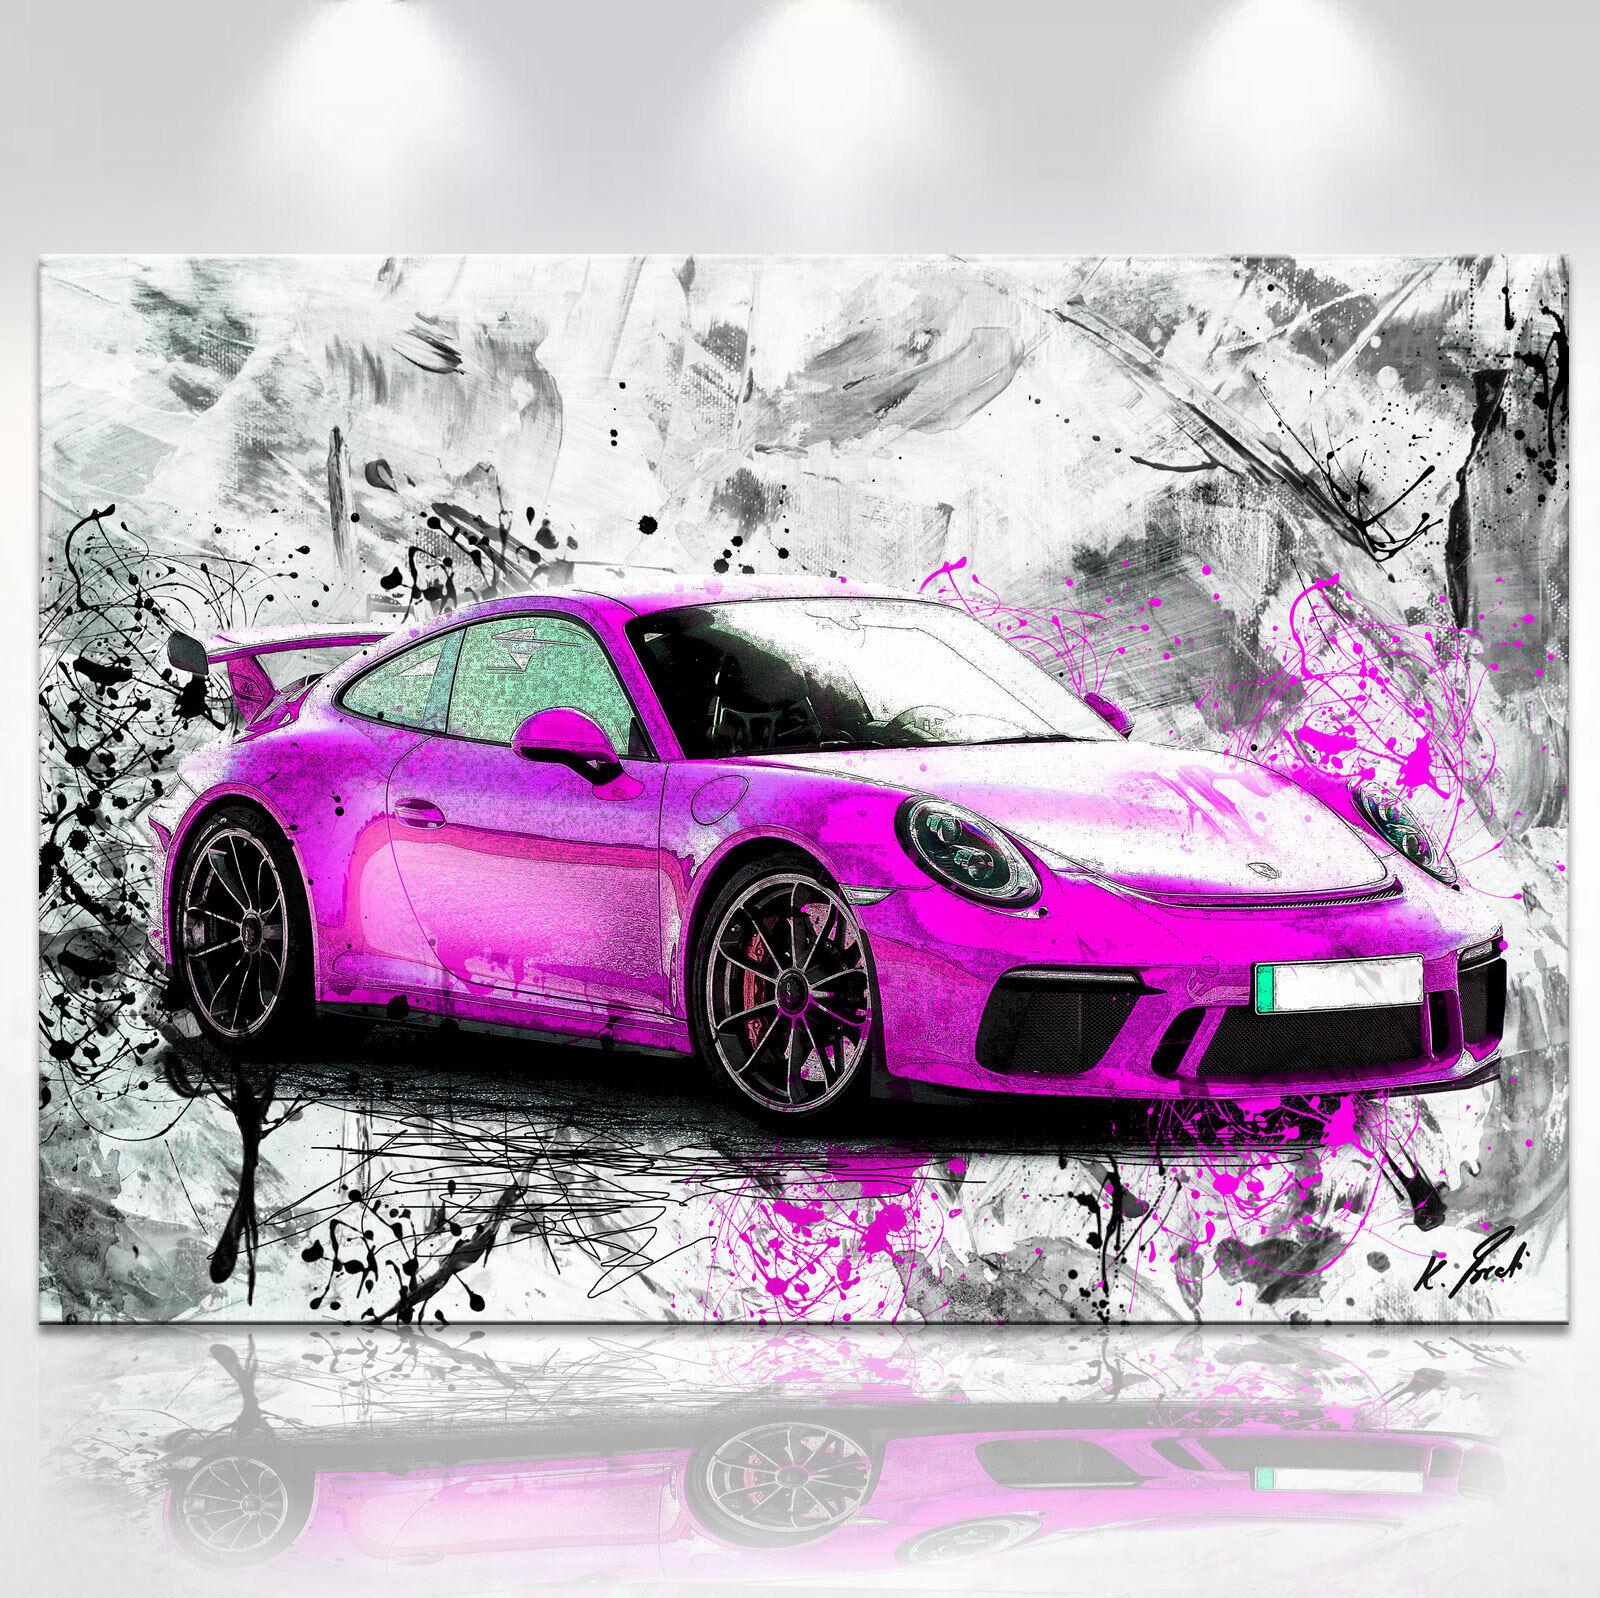 Abstraktes Auto Porsche 911 Sport Bild Leinwand Kunst Bilder Wandbilder D01919